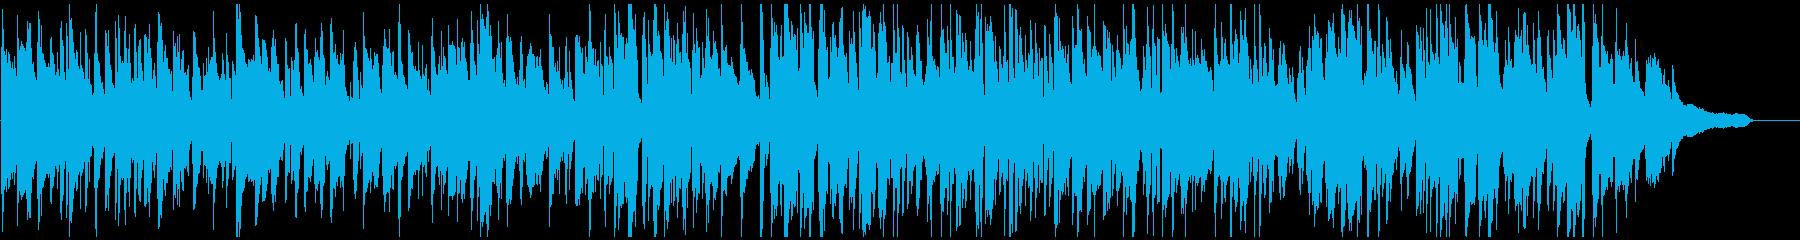 スローテンポなスイング感のゆったりジャズの再生済みの波形